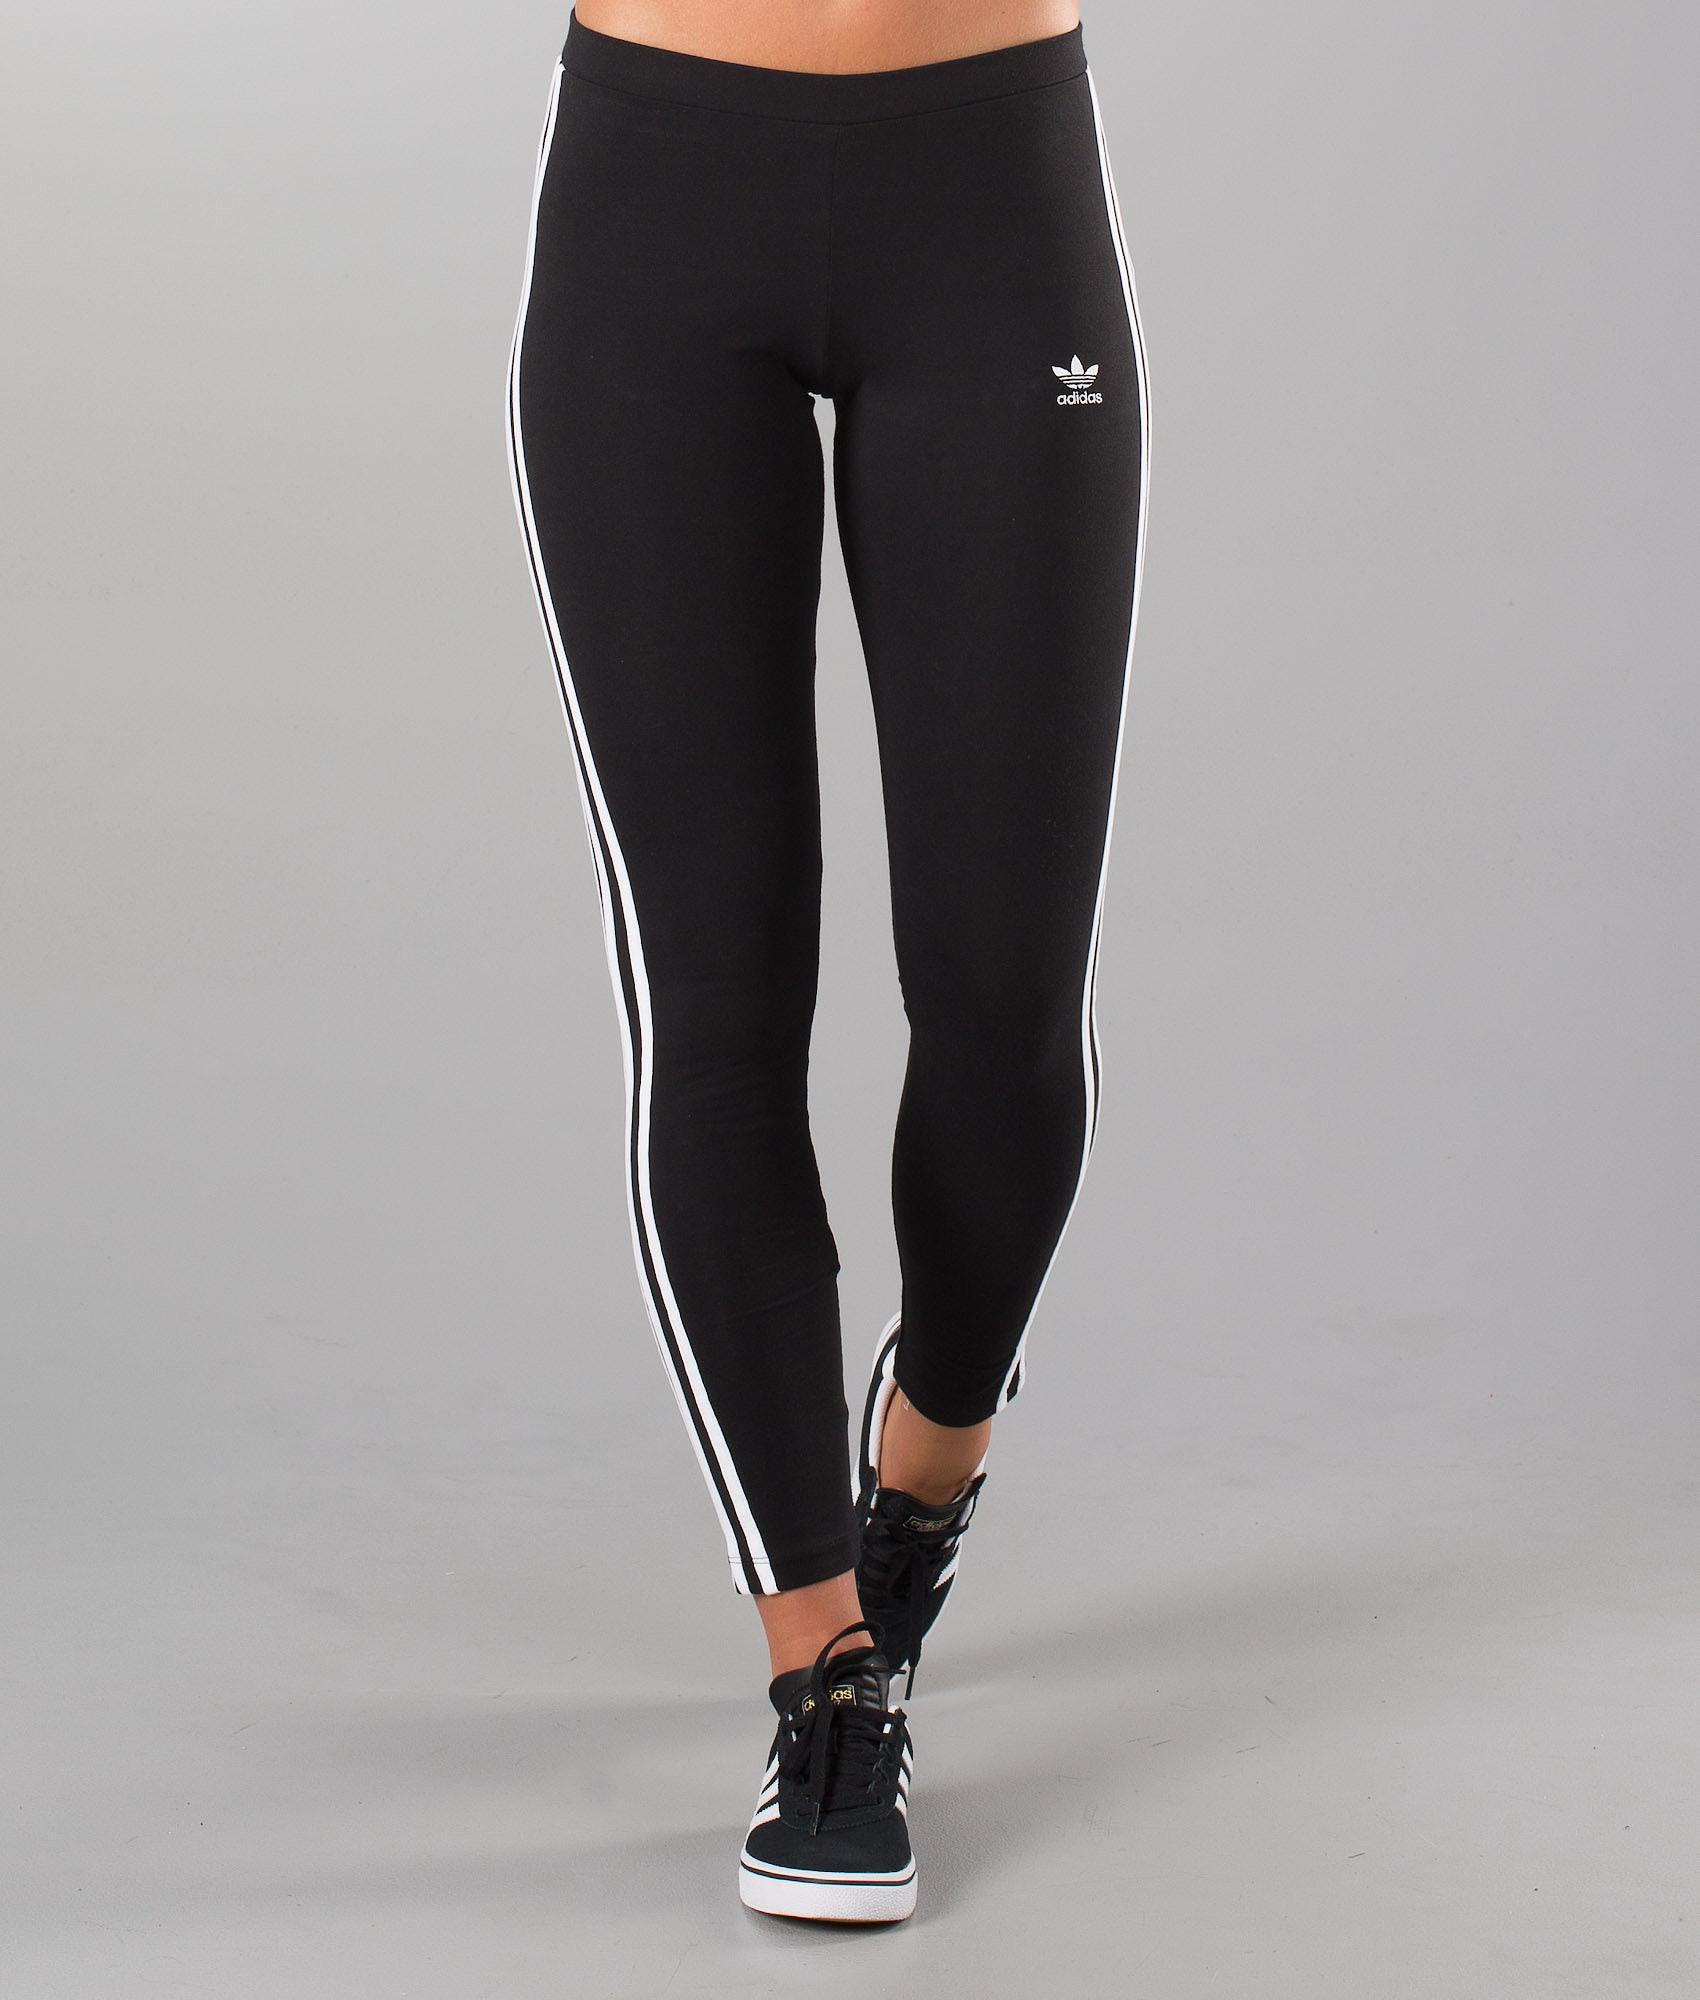 49b2d31c Adidas Originals 3Str Leggings Leggings Black - Ridestore.se